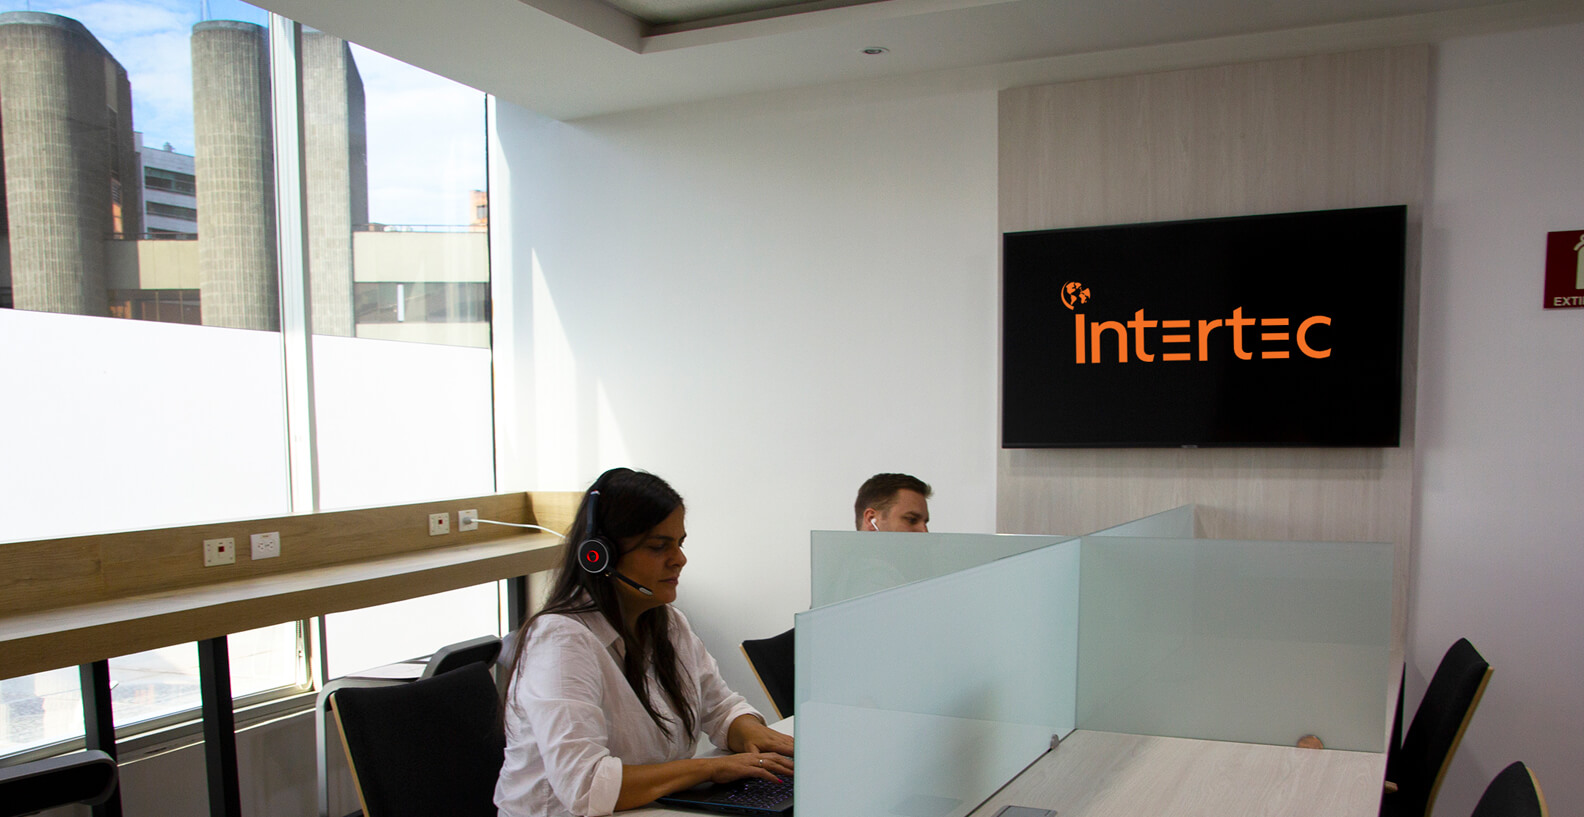 FPT Software đầu tư vào Intertec International, mở rộng thị trường tại châu Mỹ - Ảnh 1.